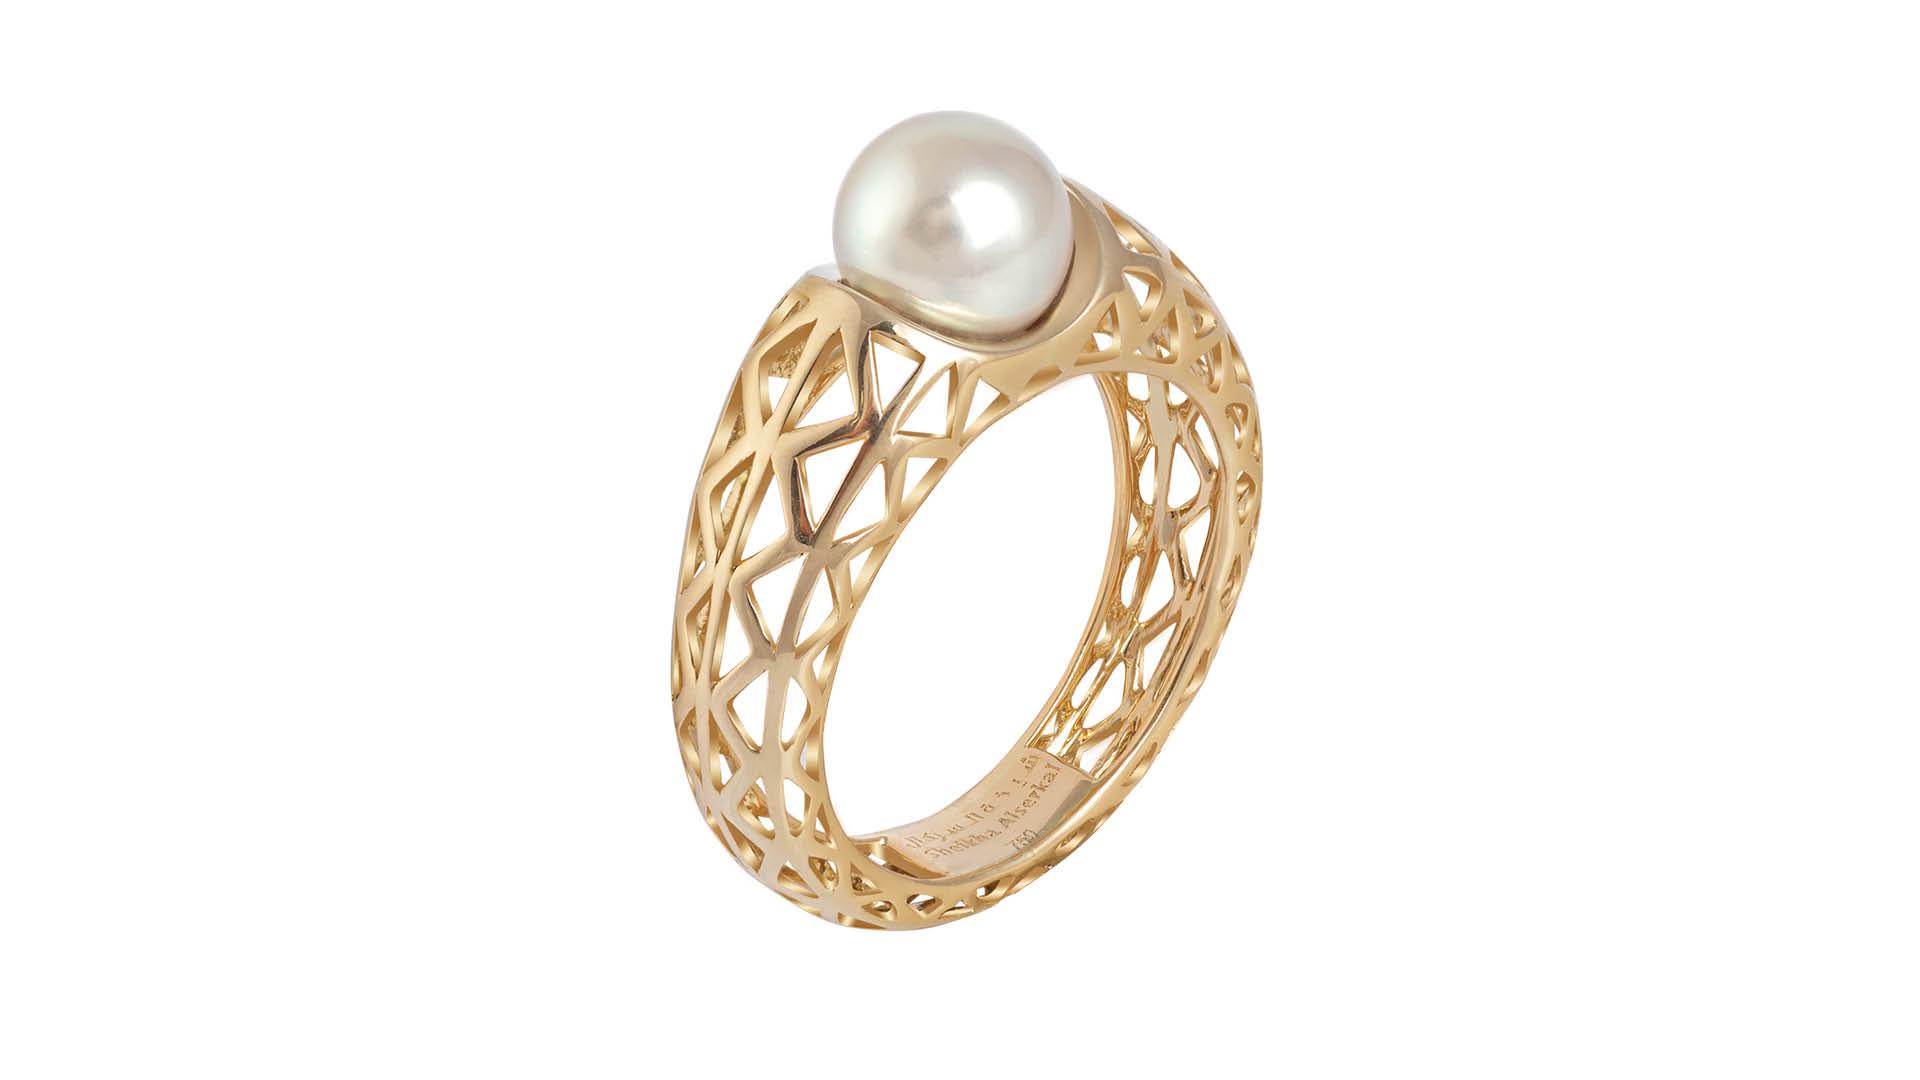 Suwaidi-Pearls-Alserkal-Jewellery